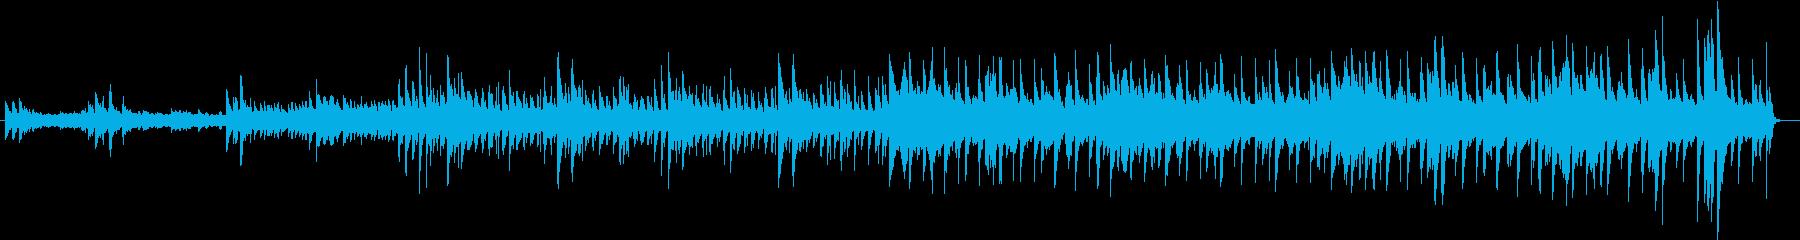 冬の朝を表現したキャッチなキラっと管弦楽の再生済みの波形